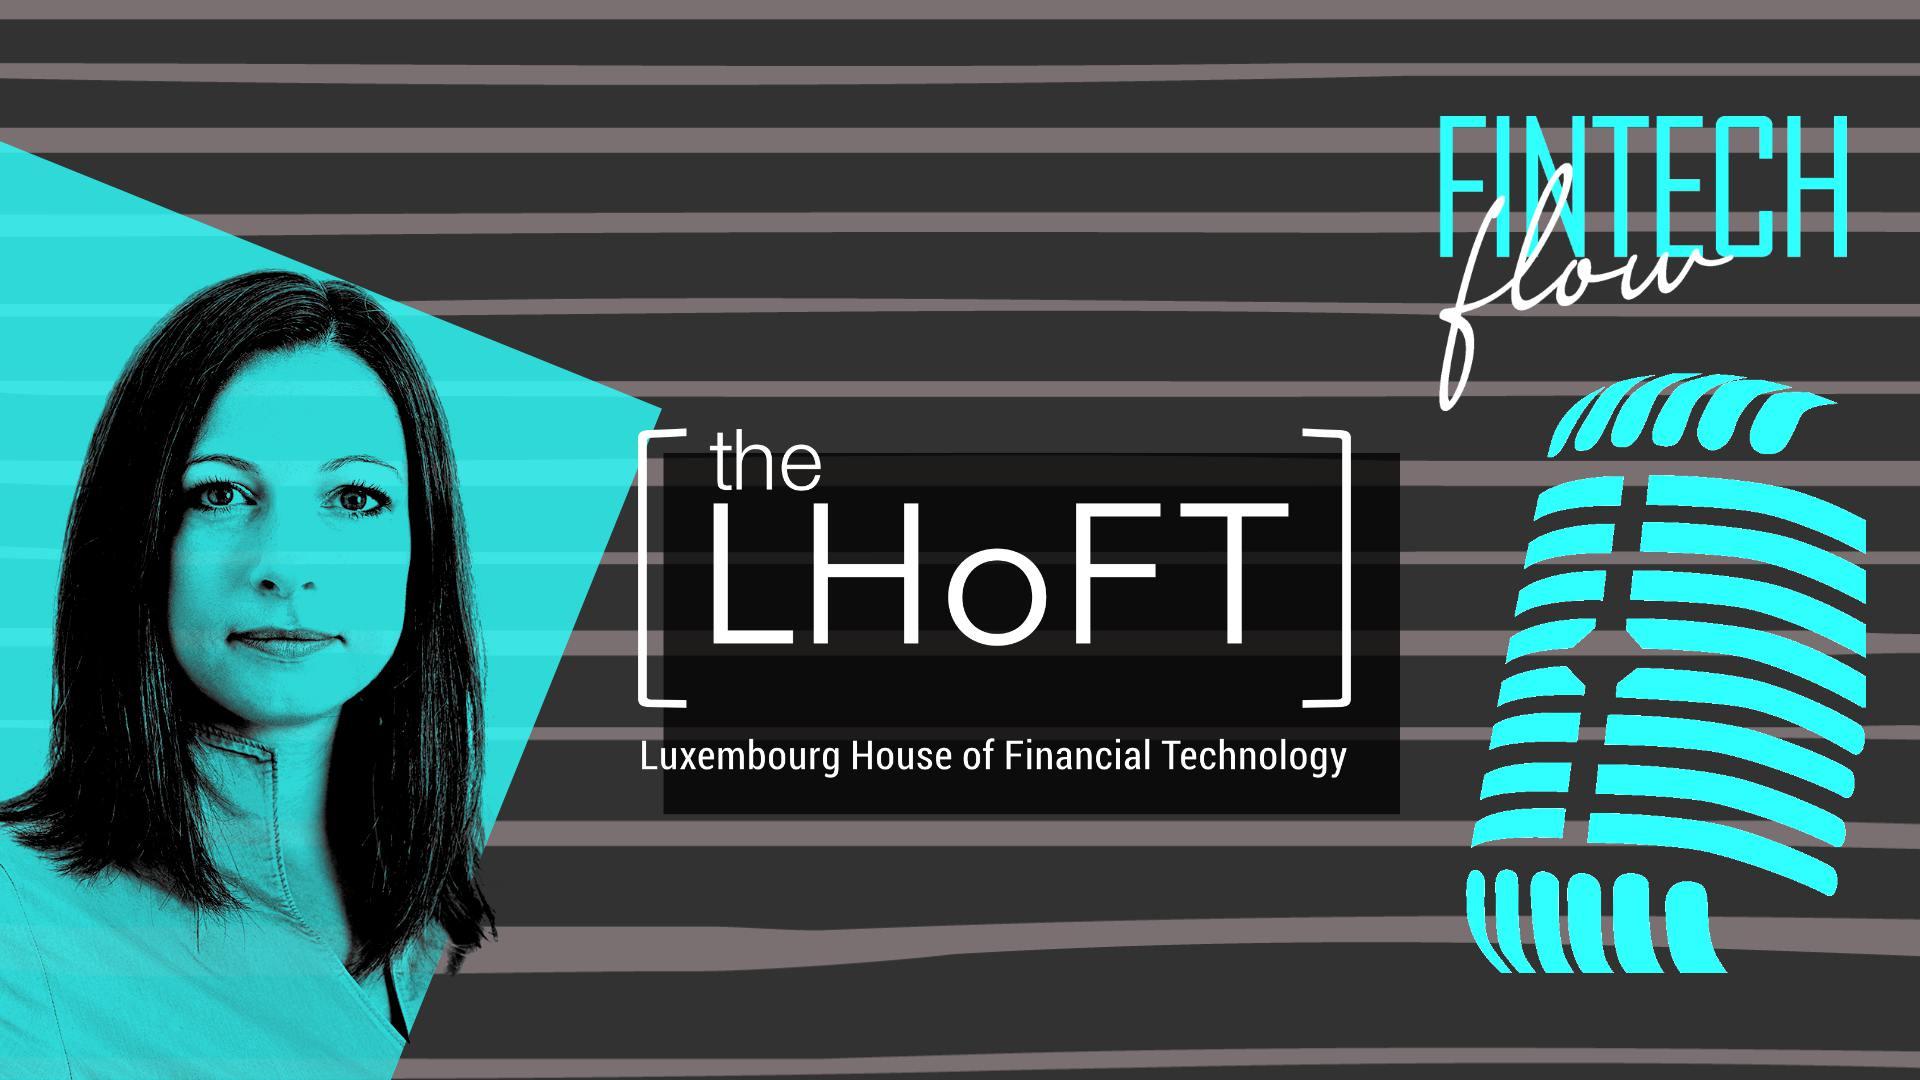 fintechflow-design-posdcast-6-lhoft